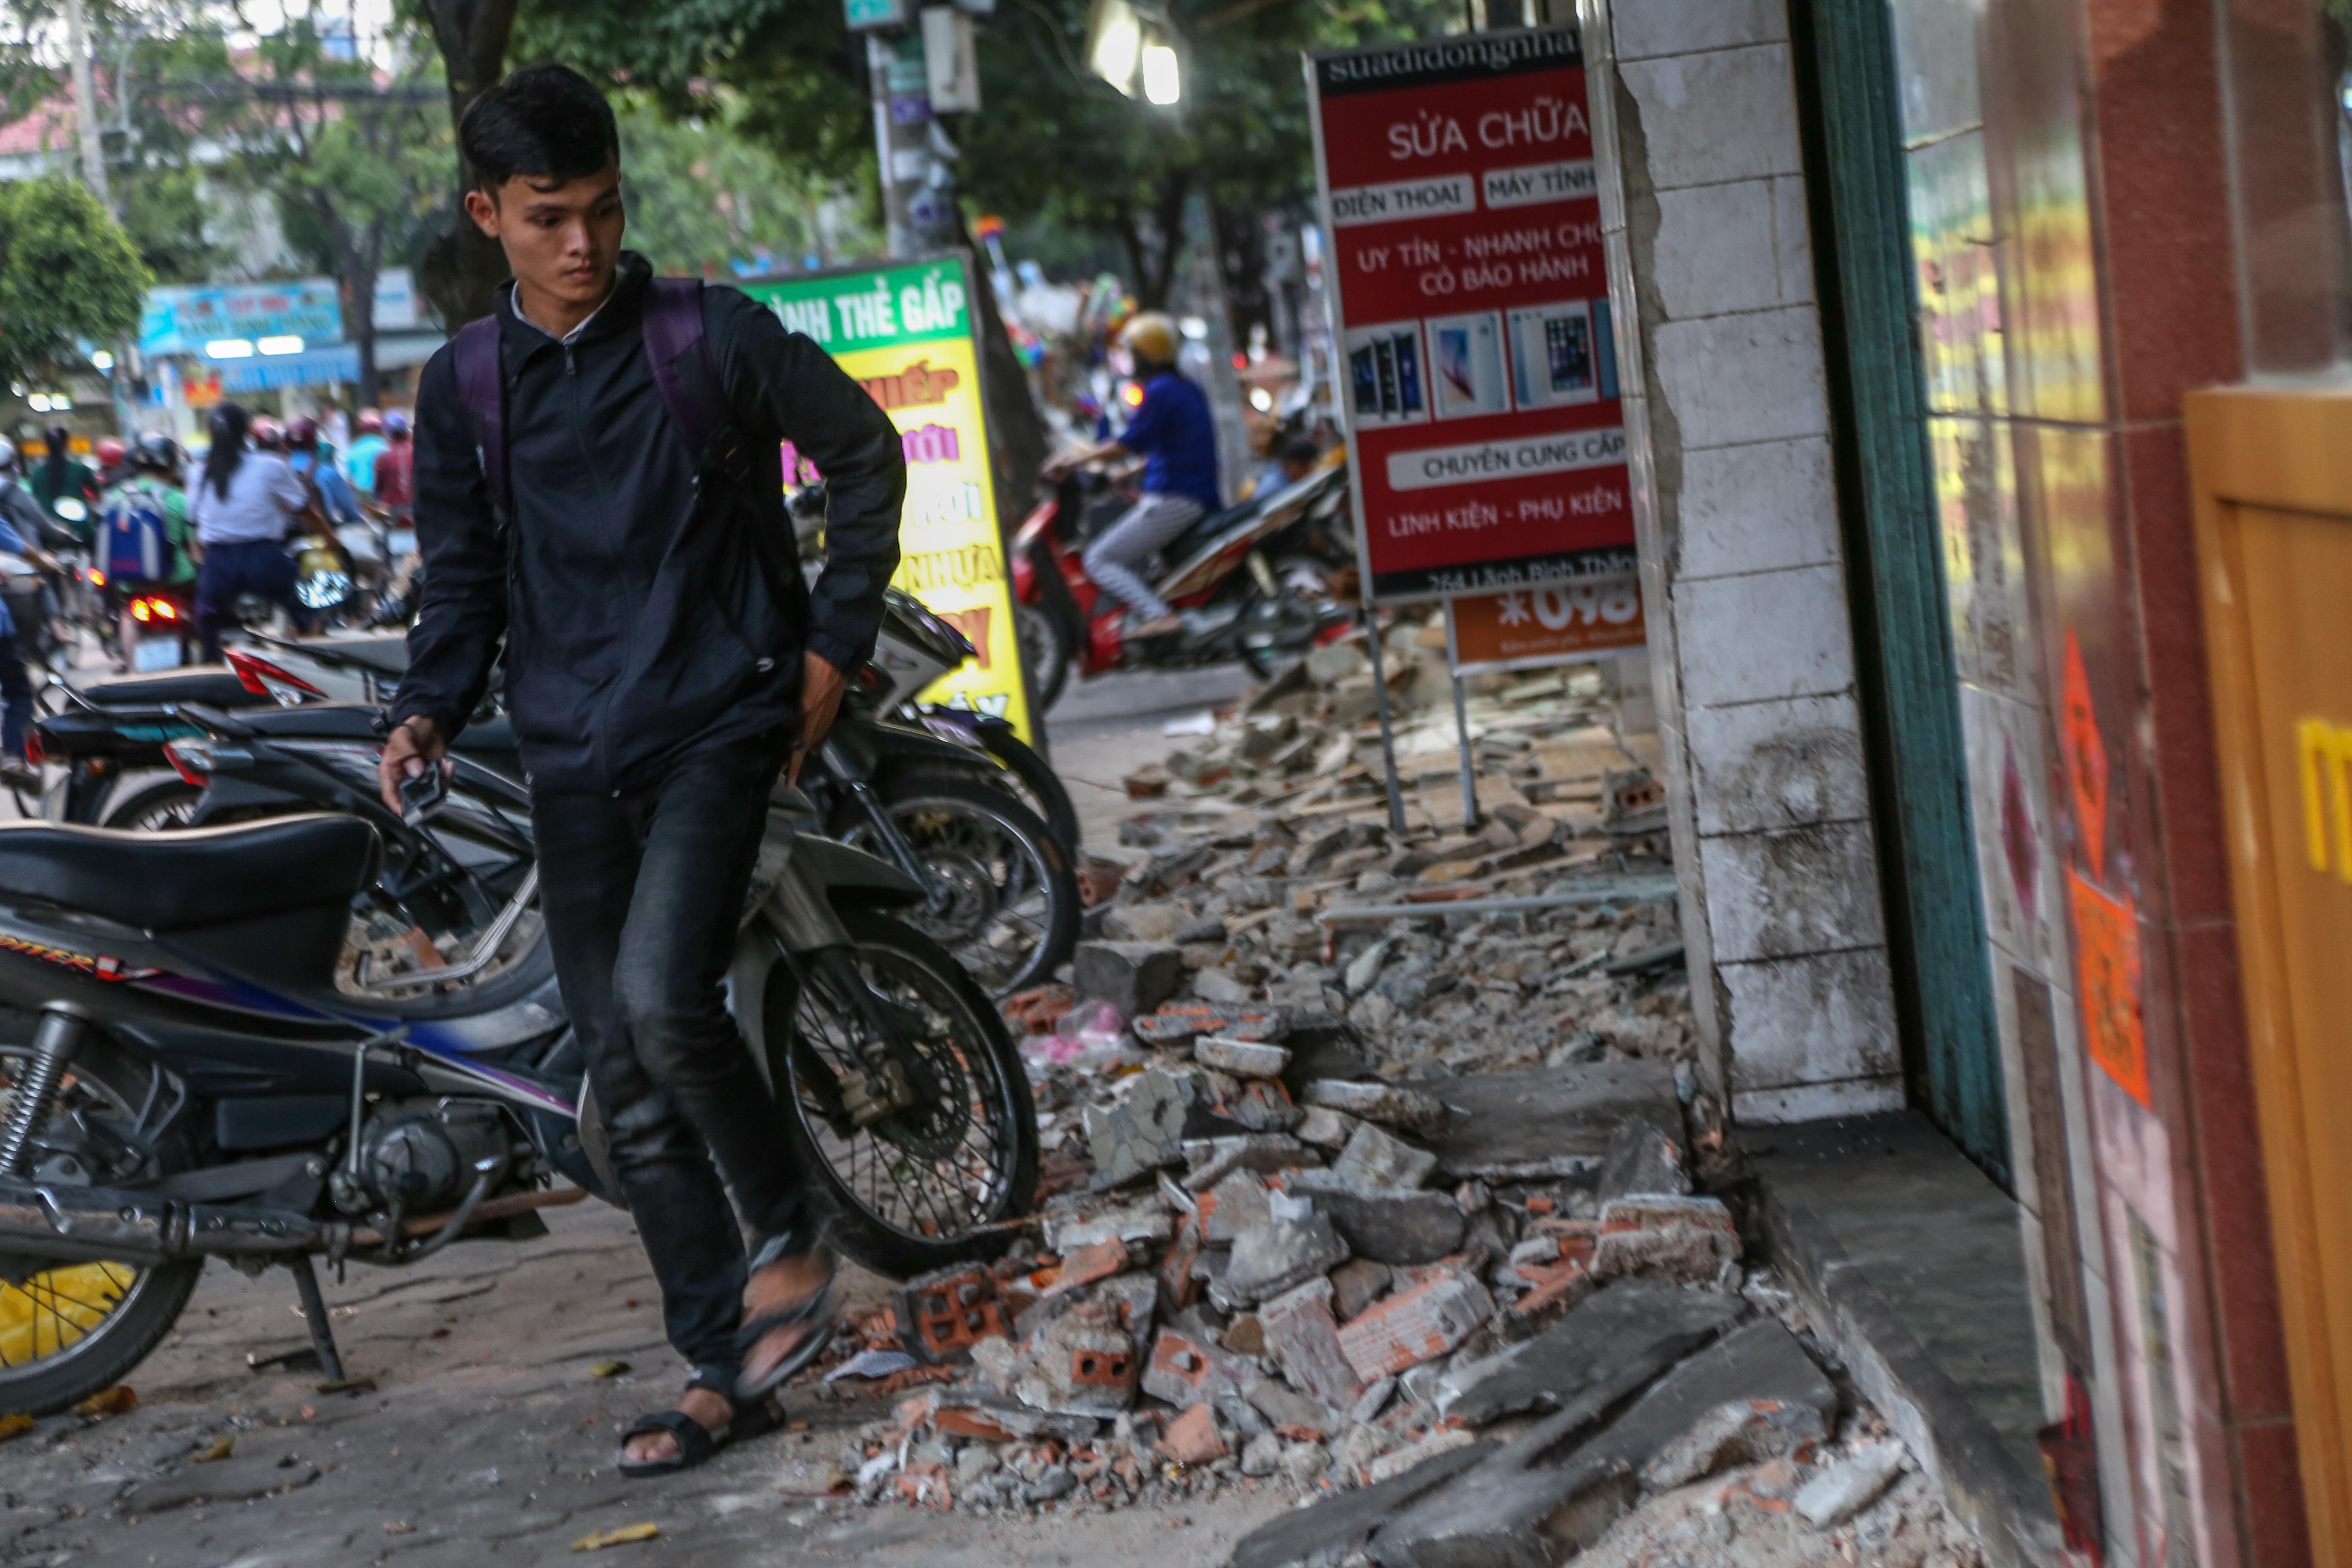 Cái khó ló cái khôn: Người Sài Gòn lắp bậc tam cấp di động như hộp tủ để không lấn chiếm vỉa hè - Ảnh 1.